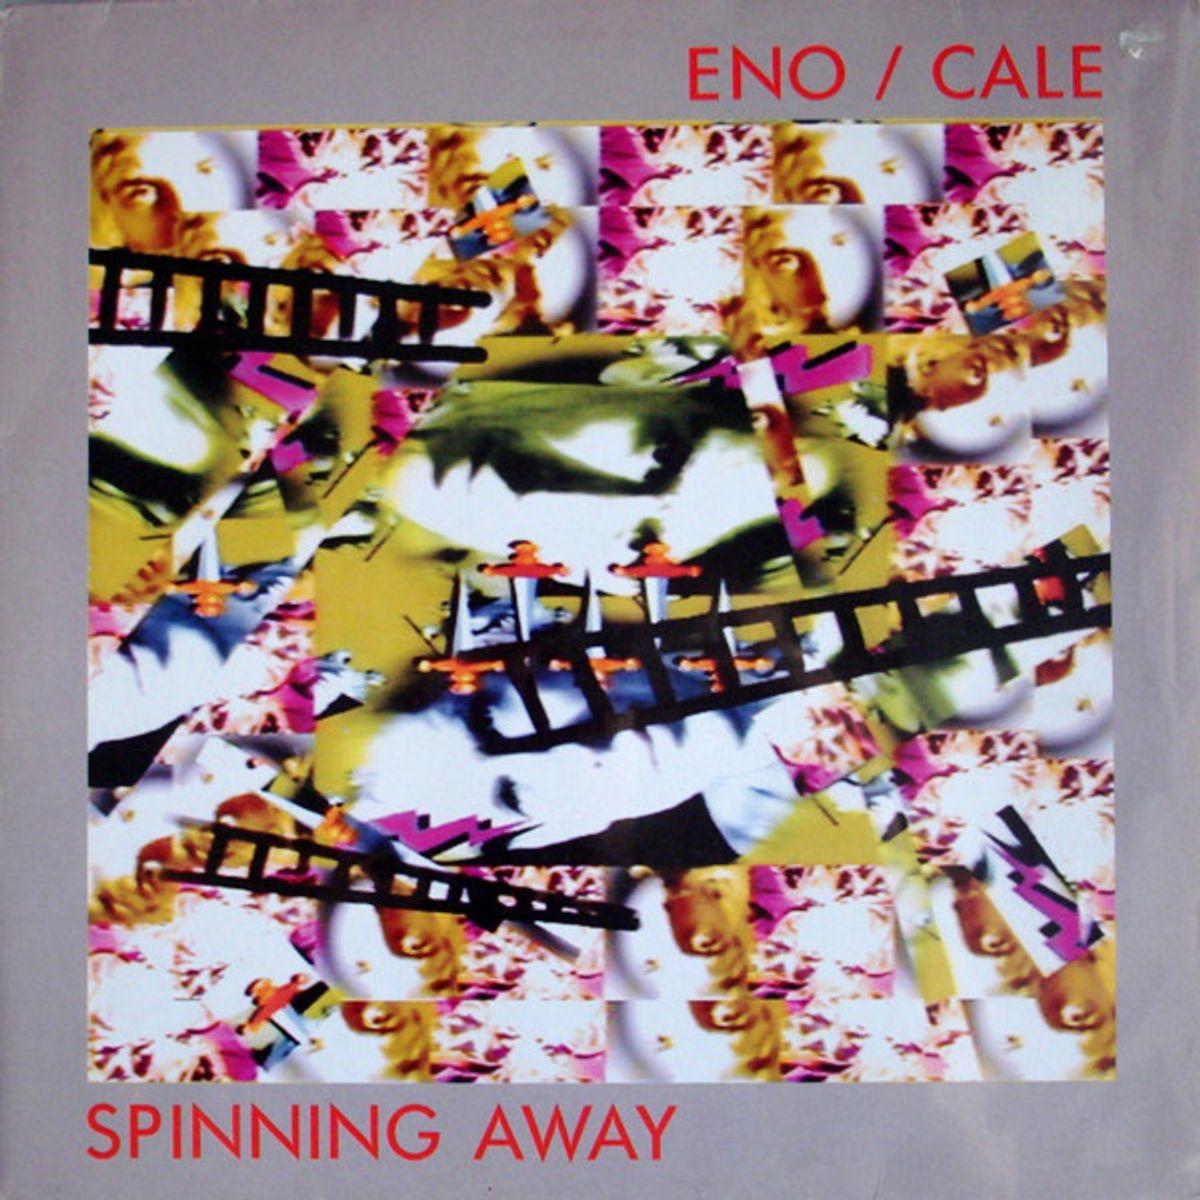 #BrianEno - Brian Eno & John Cale - Spinning Away(1990)